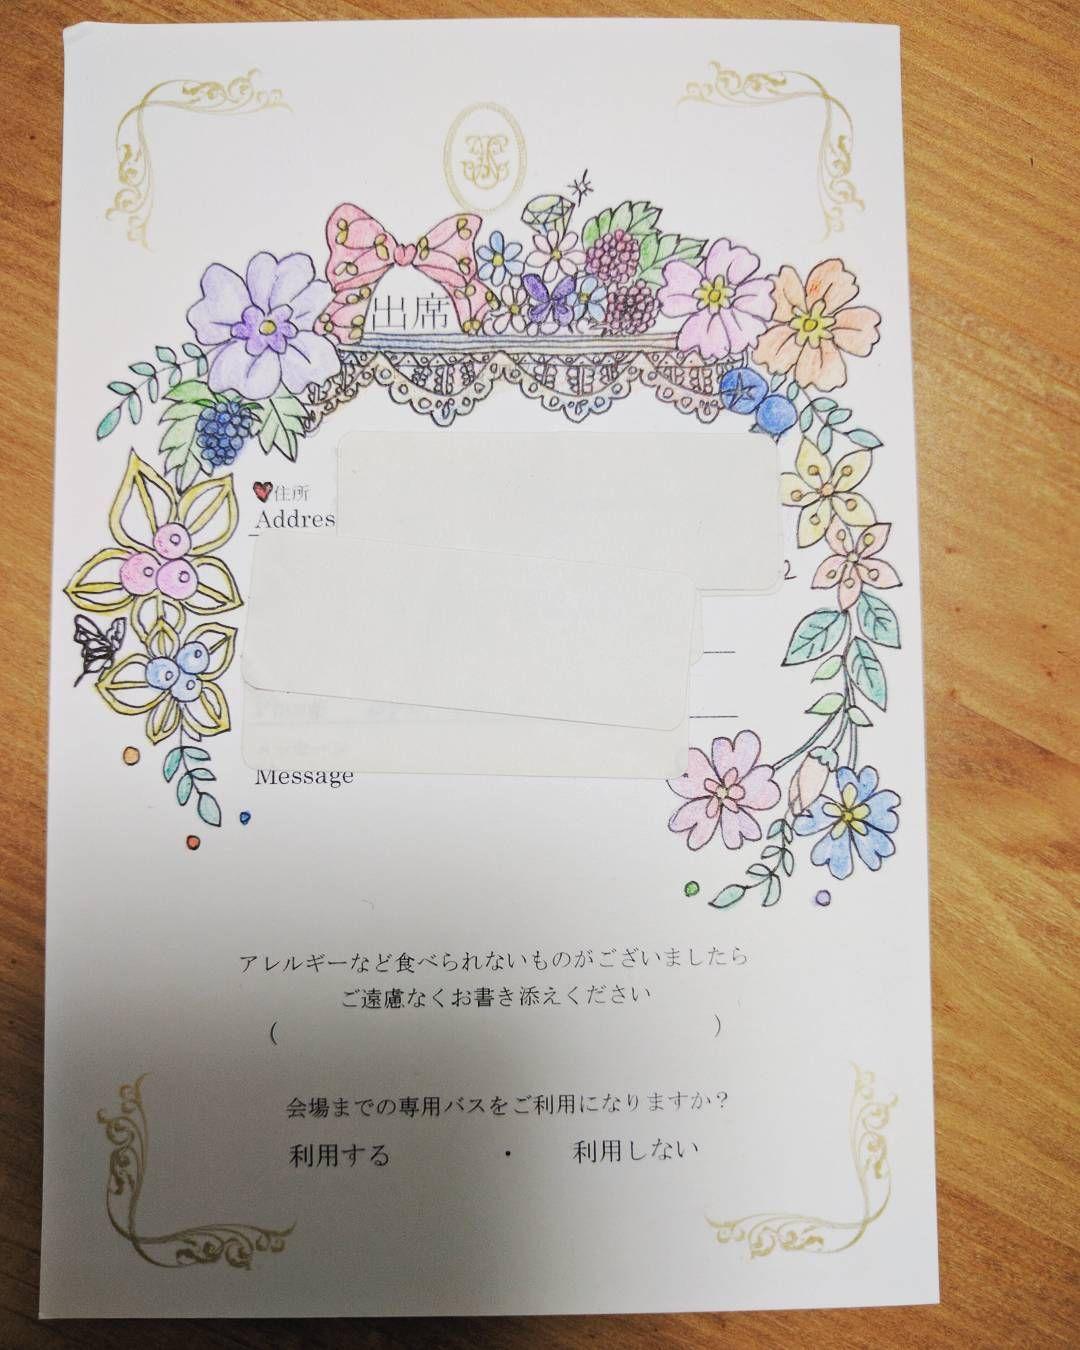 華やかで可愛い お花を描いた返信ハガキアートのアイデア Marry マリー 結婚式 招待状 結婚式 招待状 返信 返信ハガキアート